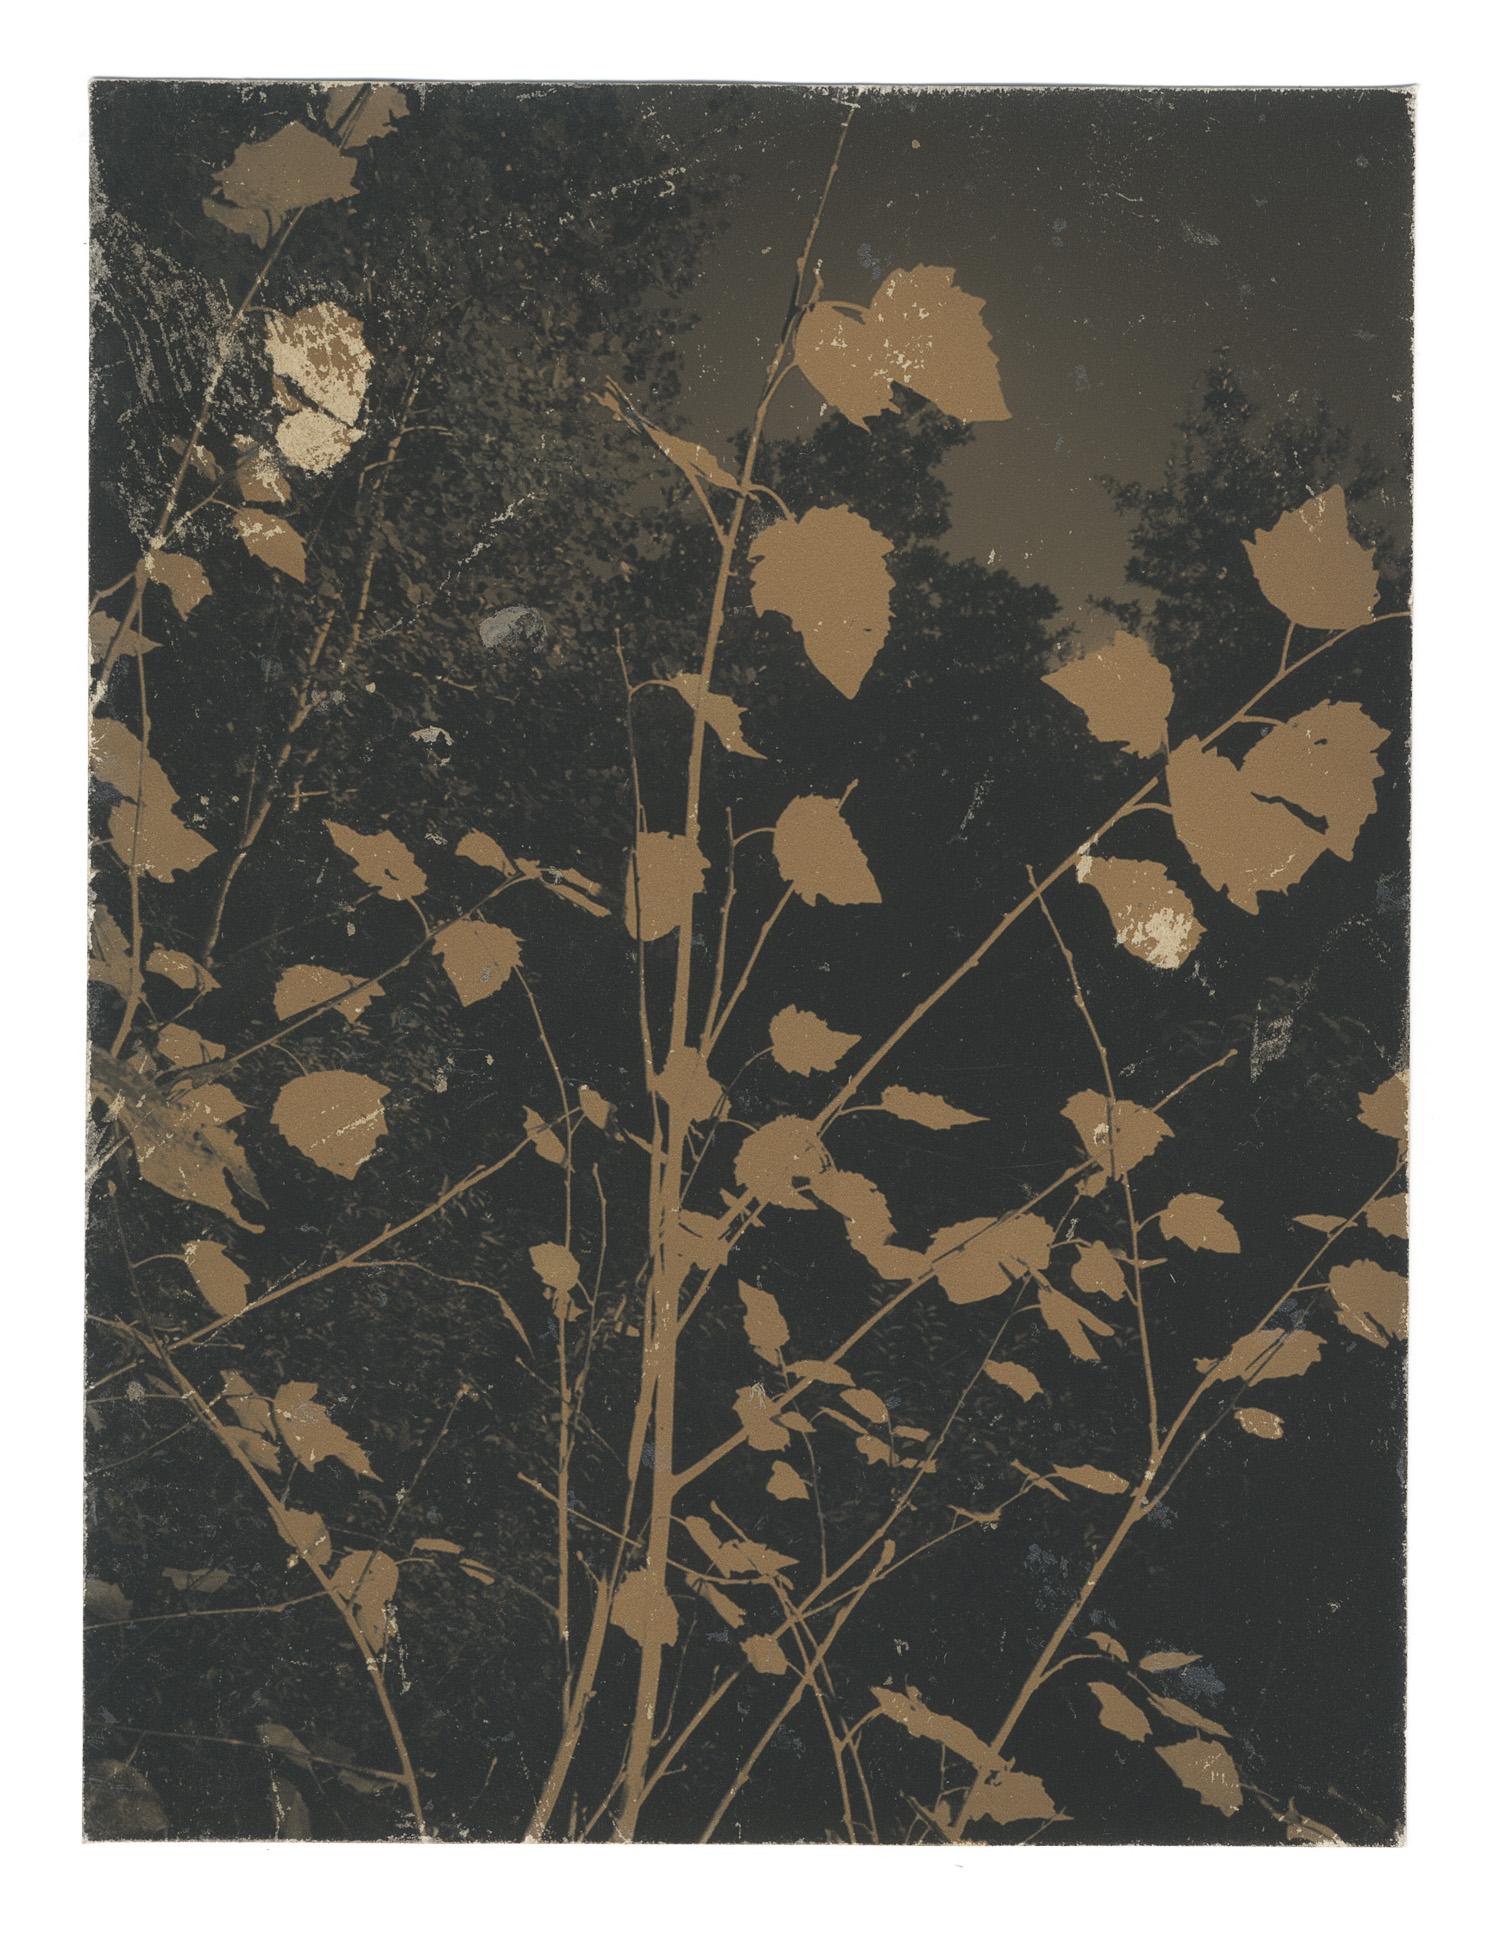 Autumnal Glimpses no.19, 2019  Naturally toned pigment print  120mm x 90mm  Unique print